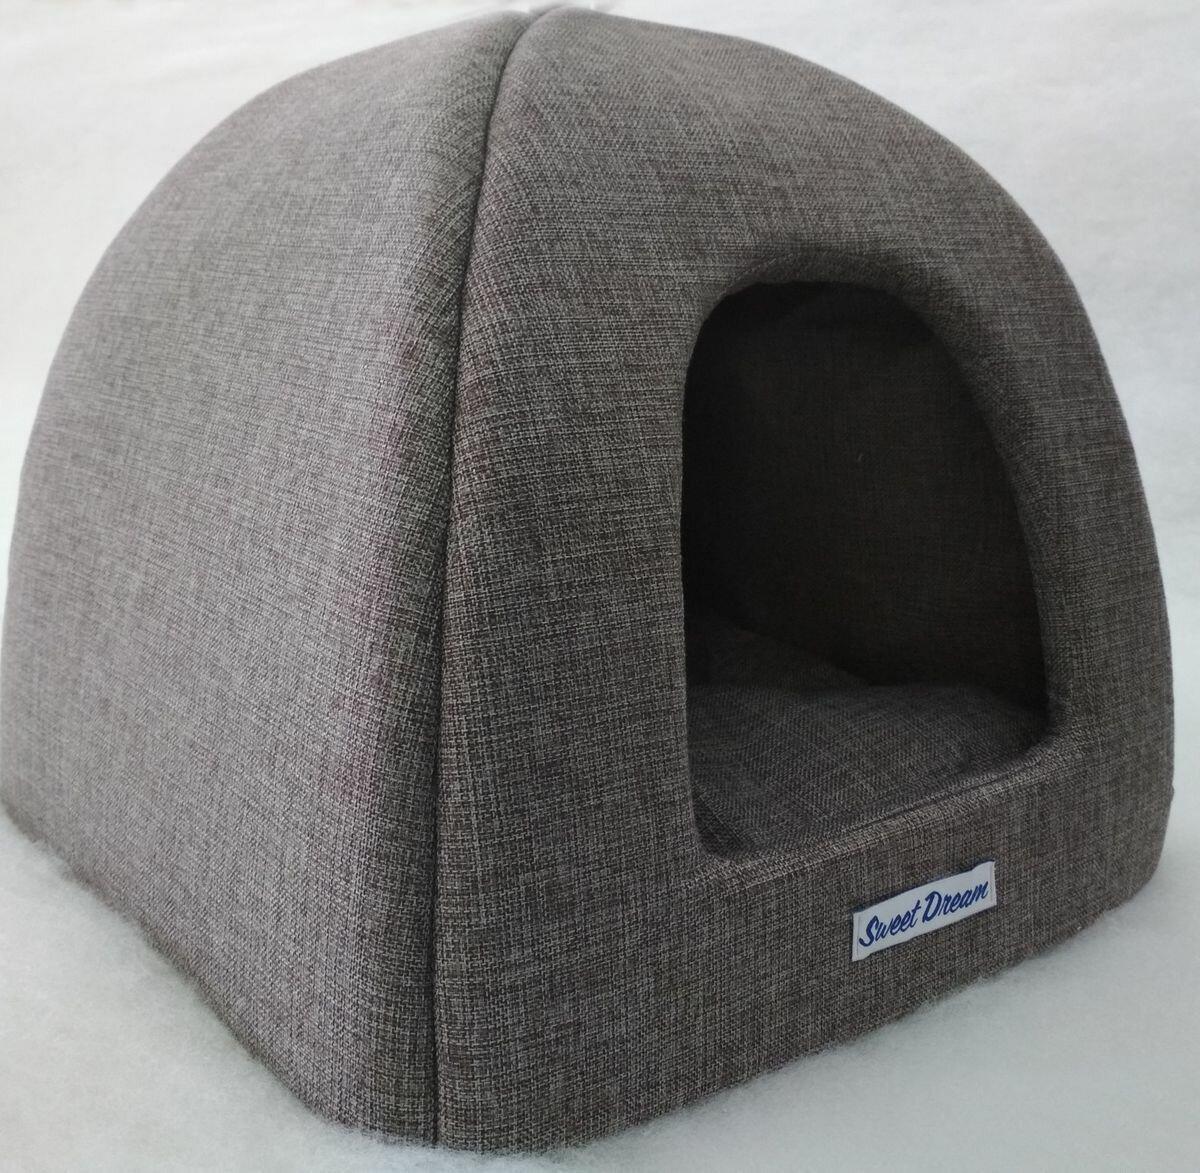 Домик для кошек и собак Бобровый Дворик Сладкий сон №1, серый, 39x39x35см